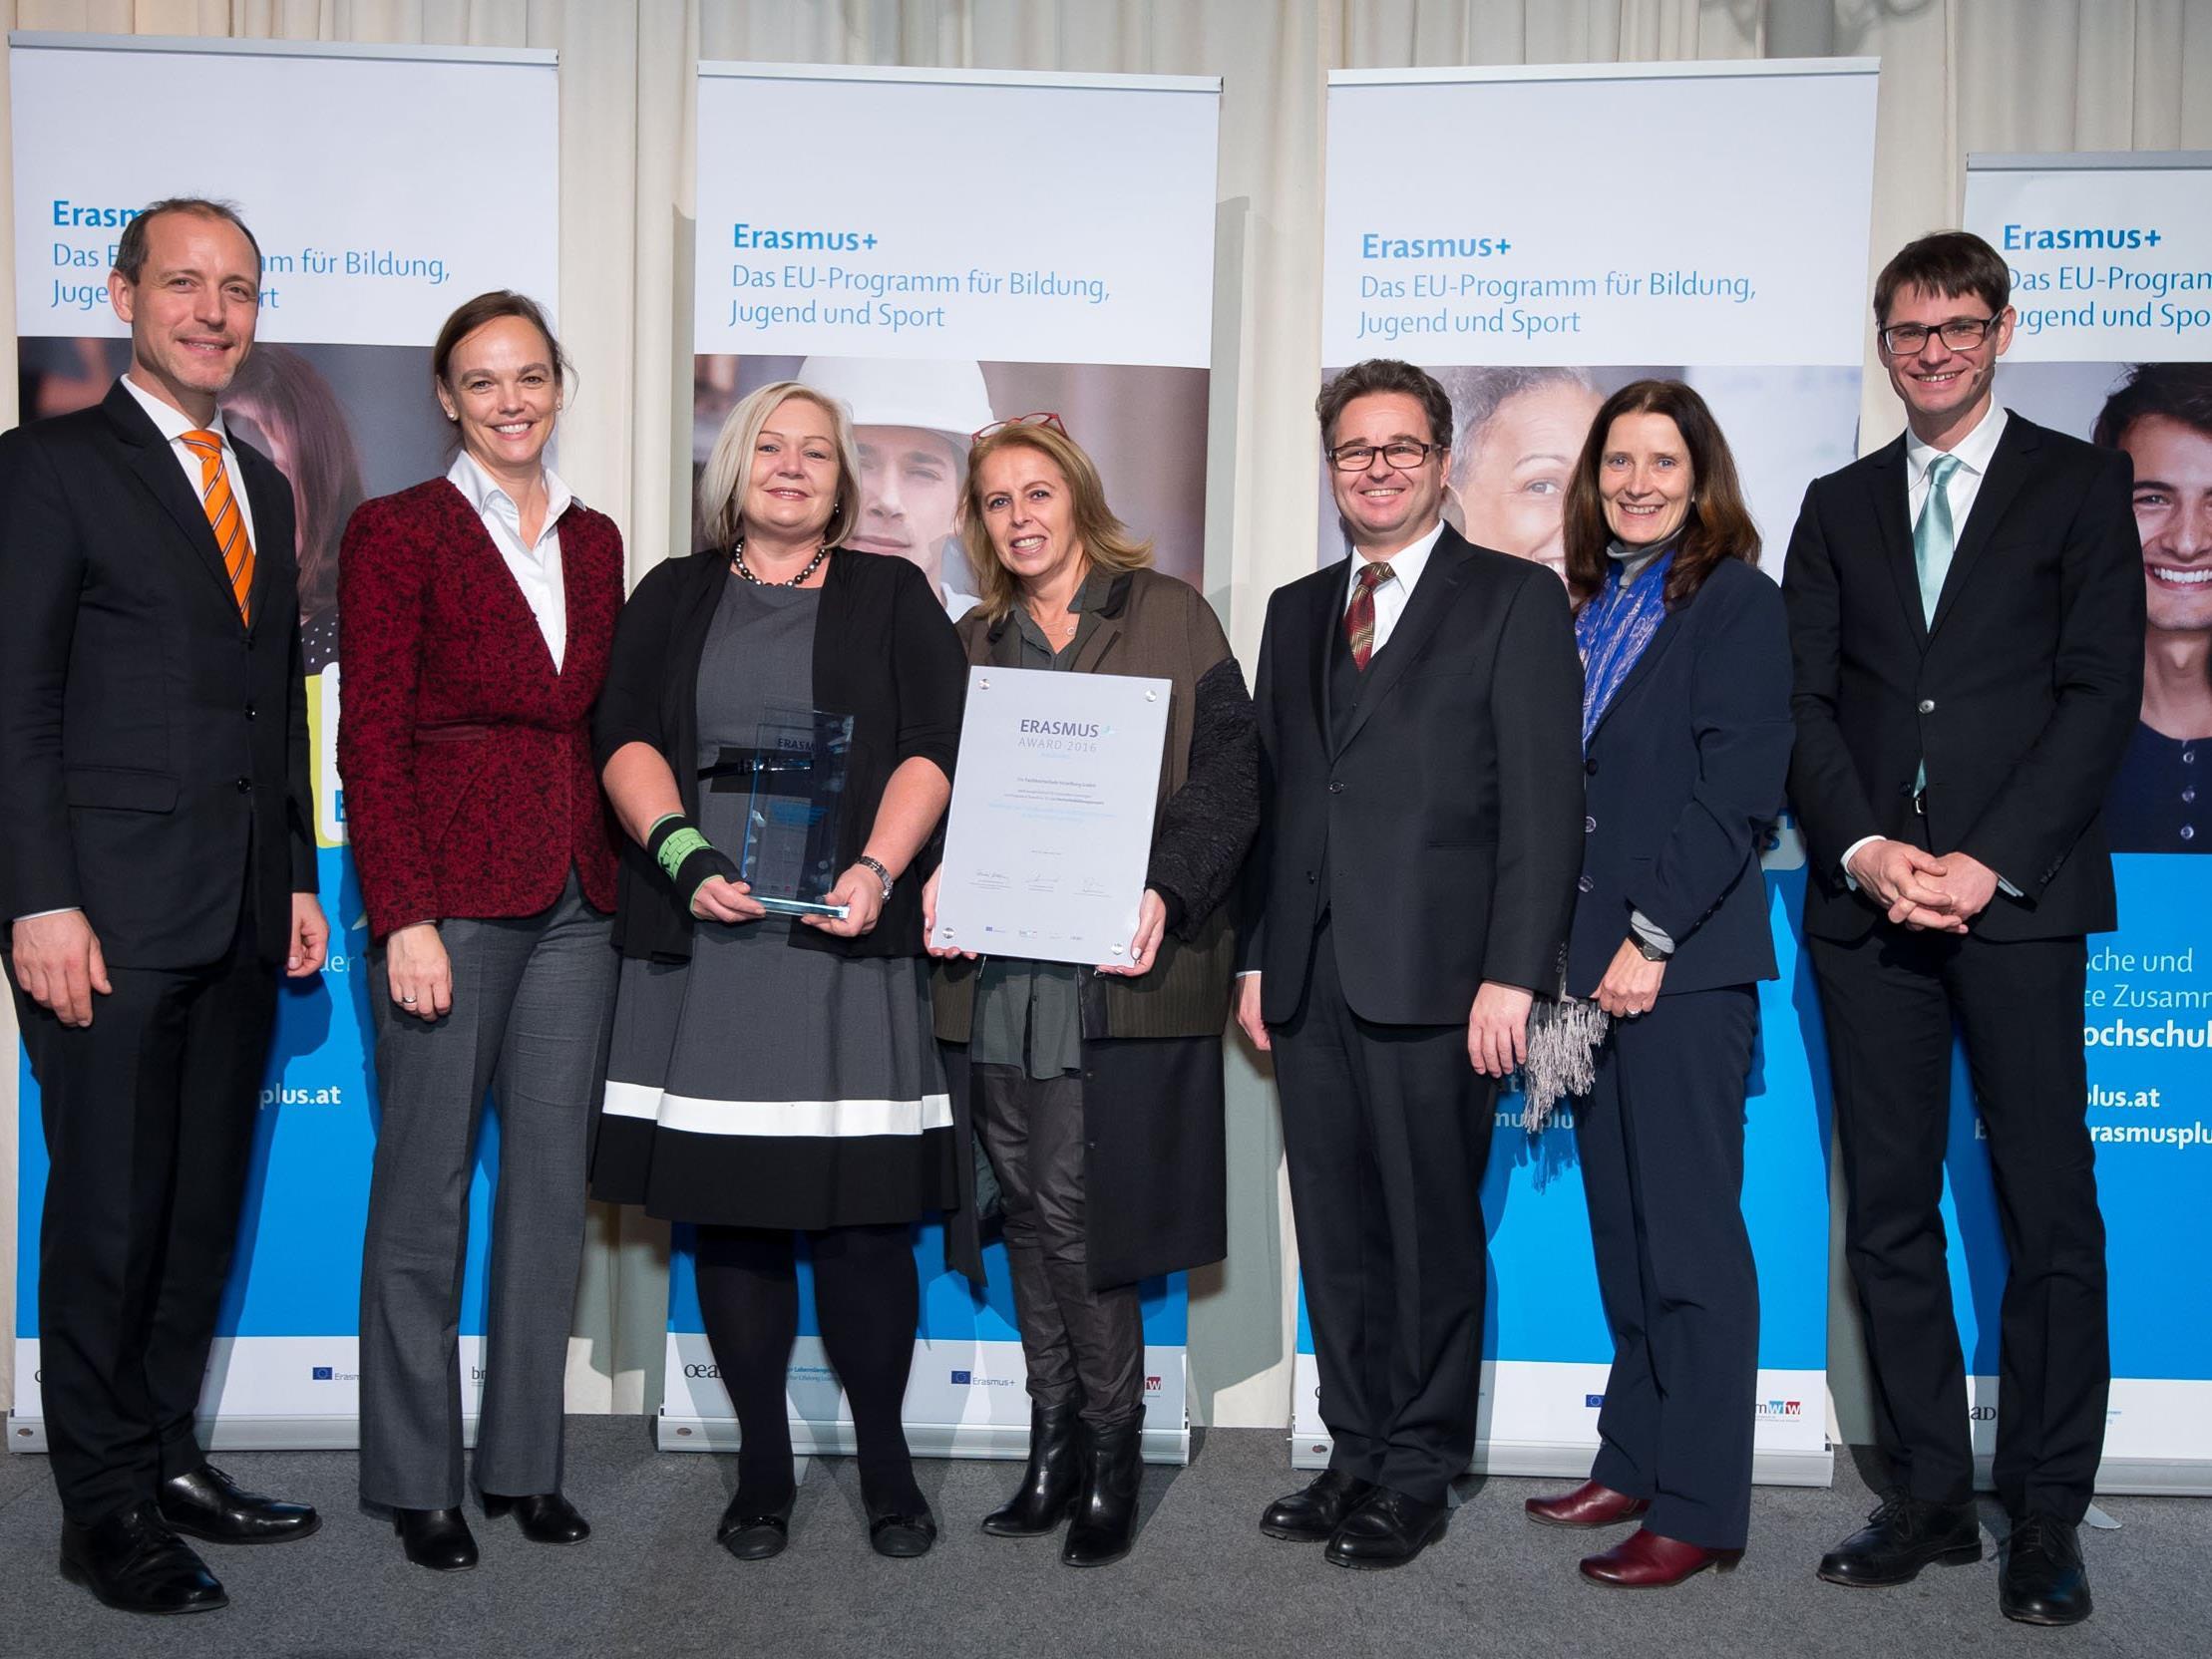 Die FH Vorarlberg wurde mit dem Erasmus+ Award 2016 ausgezeichnet.